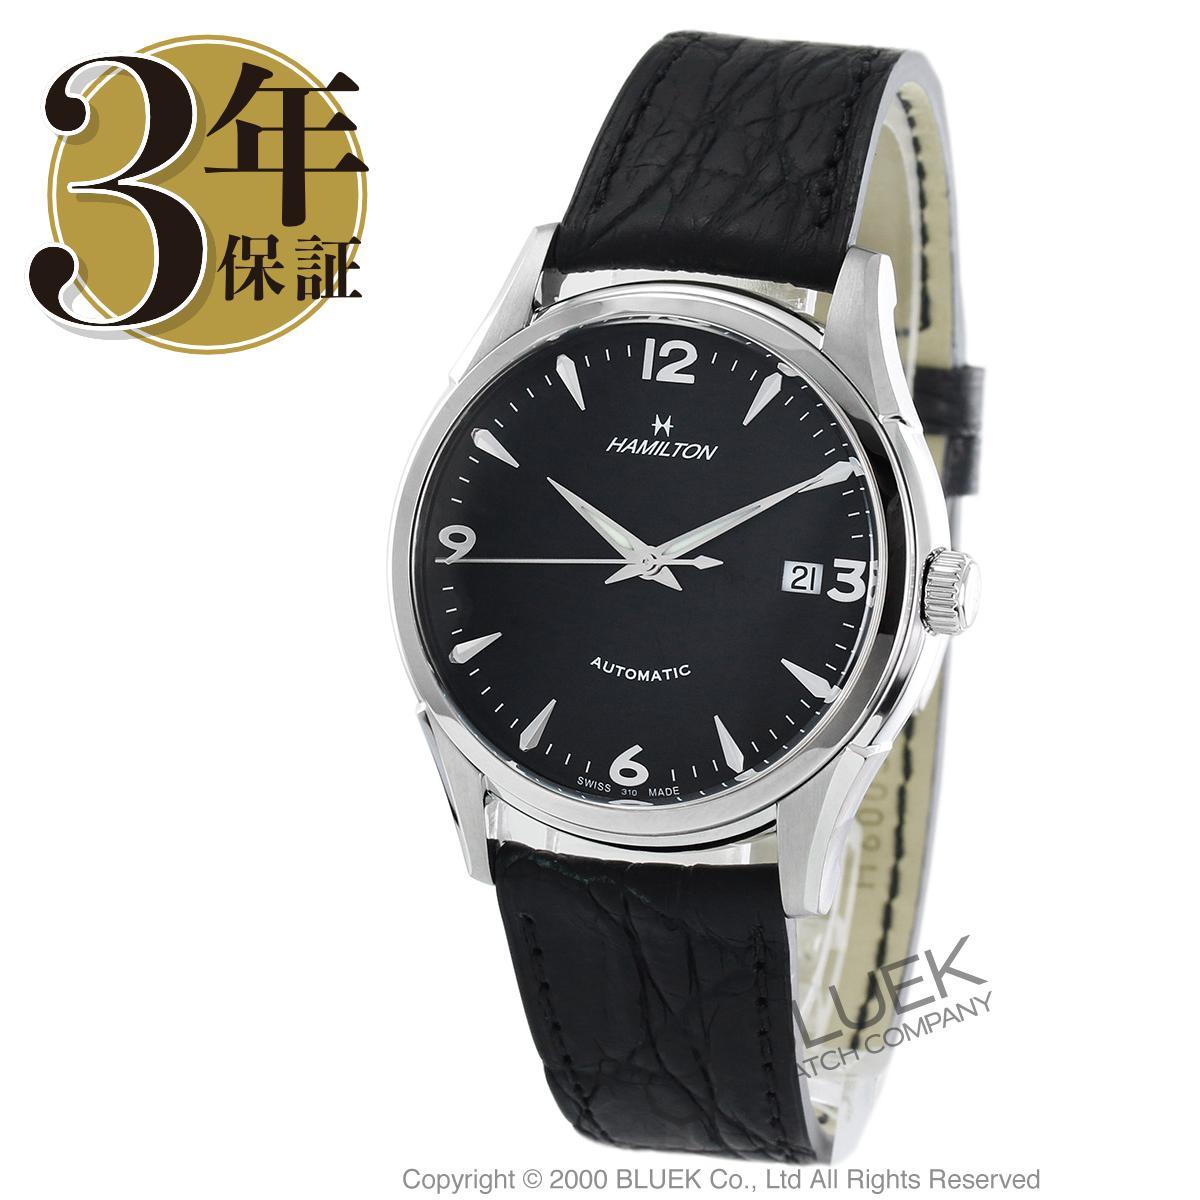 【1,000円OFFクーポン対象】ハミルトン ジャズマスター シノマティック 腕時計 メンズ HAMILTON H38415731_8